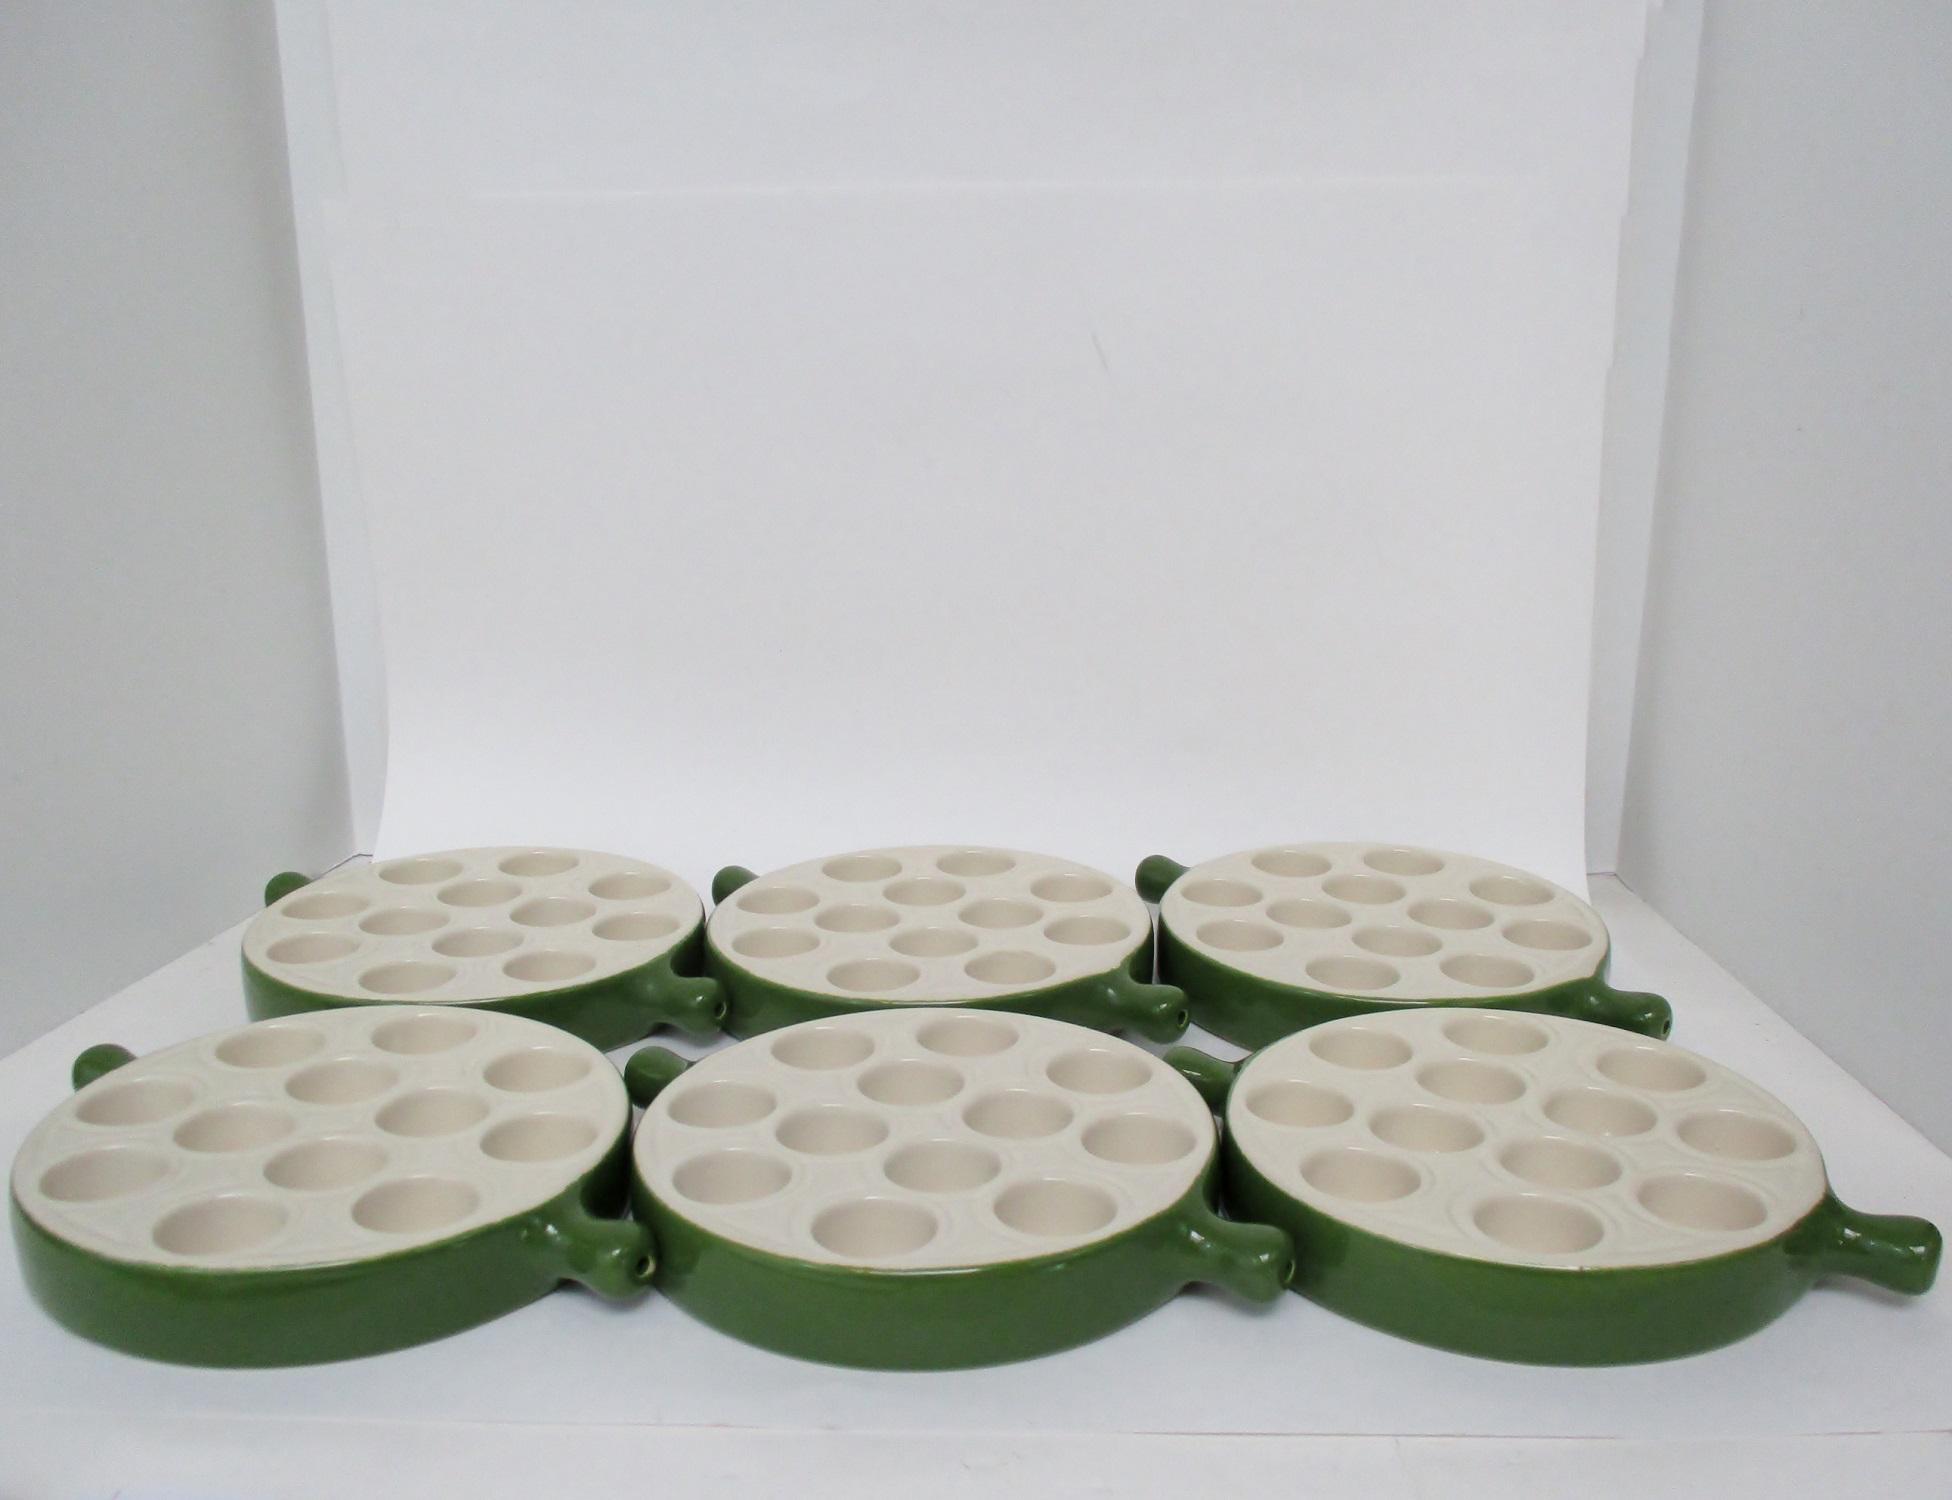 Emile Henry Escargot Dishes - Set of 6 - Image 5 of 8  sc 1 st  Chairish & Emile Henry Escargot Dishes - Set of 6 | Chairish